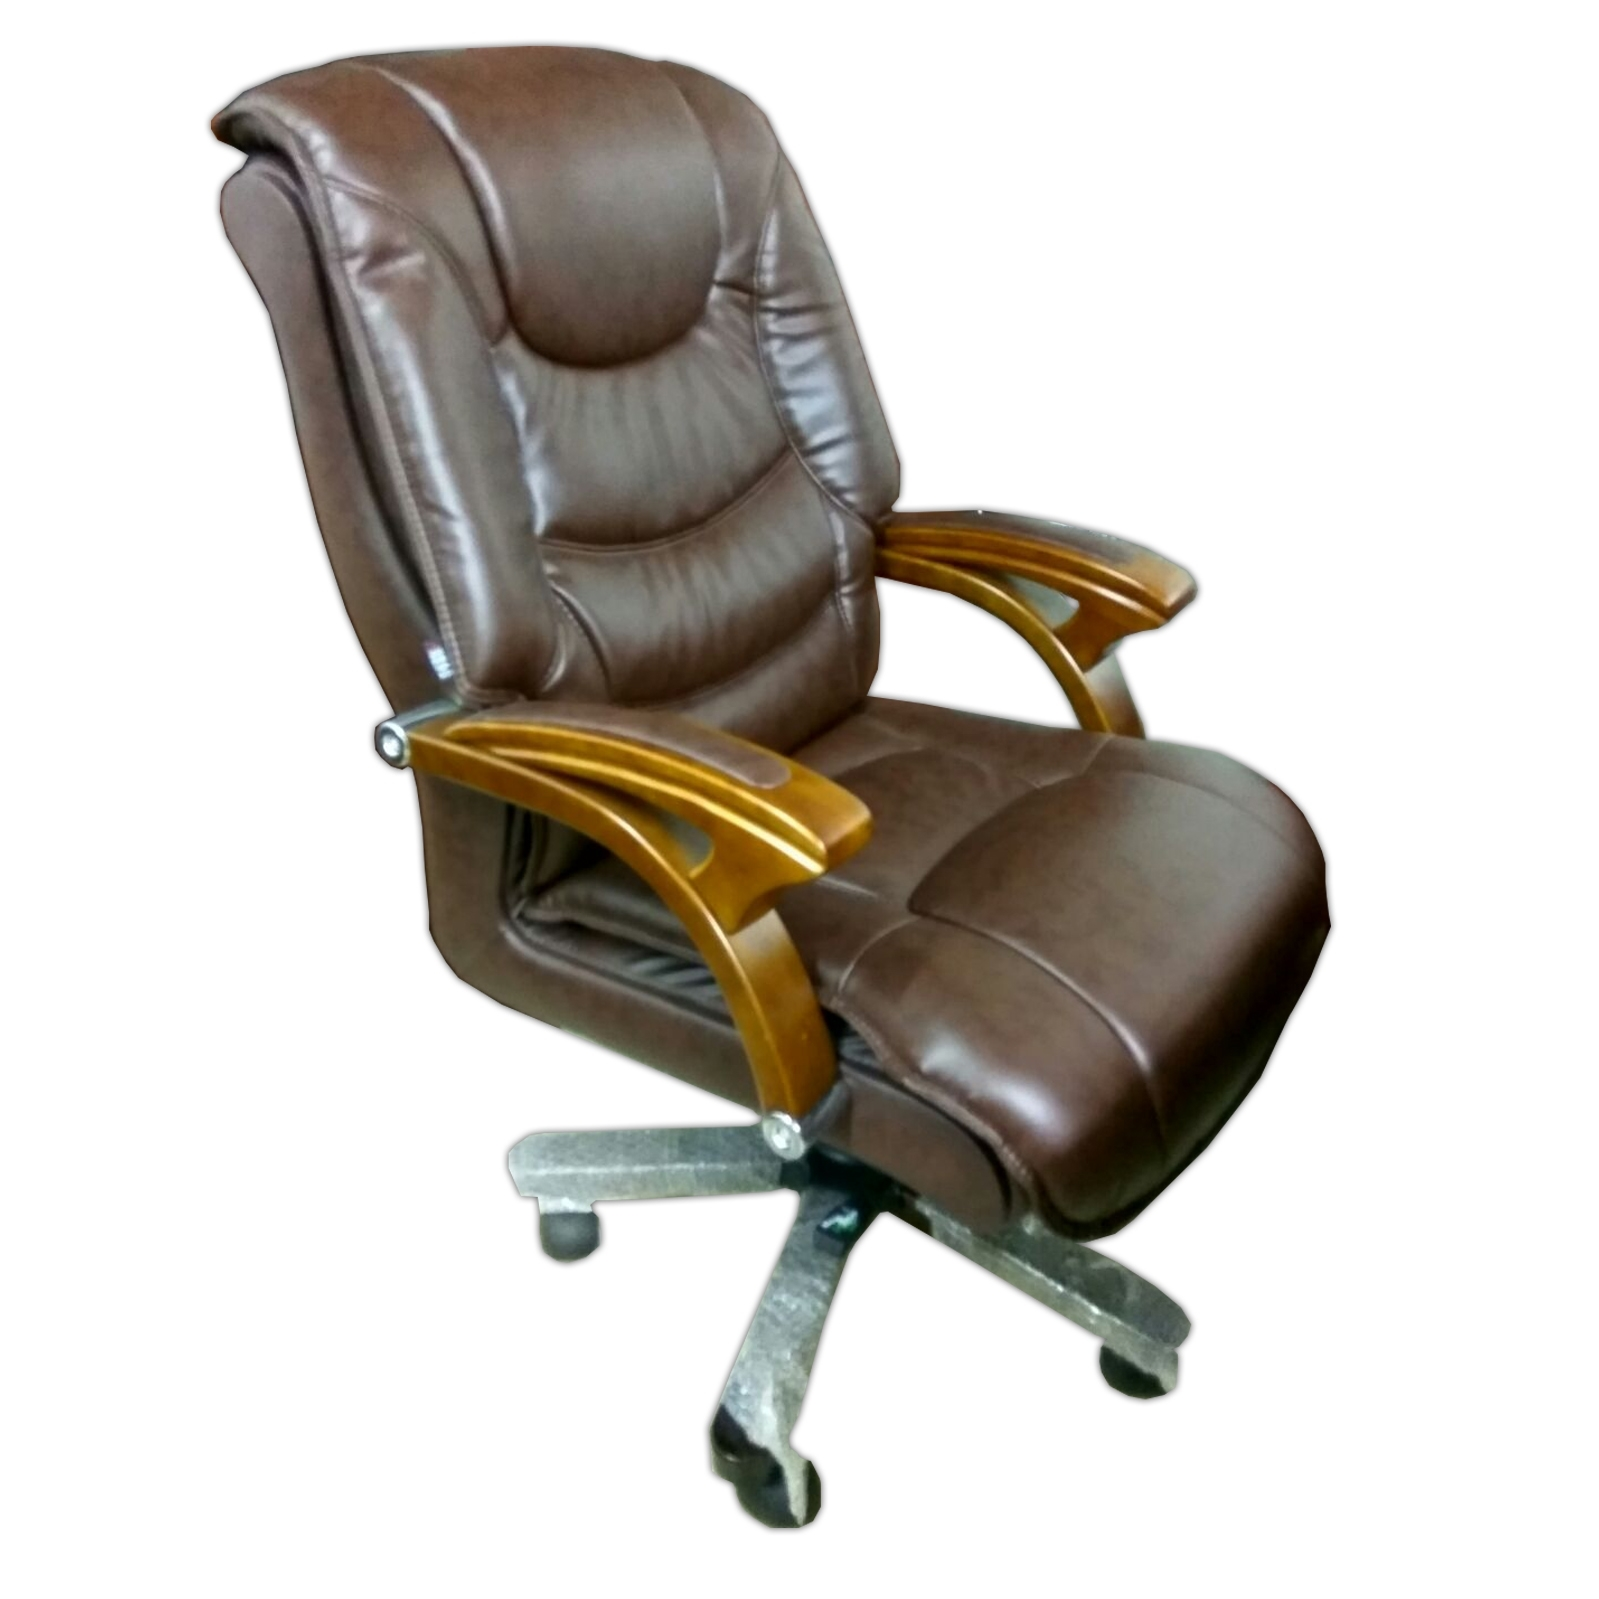 אולטרה מידי פניקה רהיטים. כסאות: כסא מנהלים מפואר דגם שובל HB-15